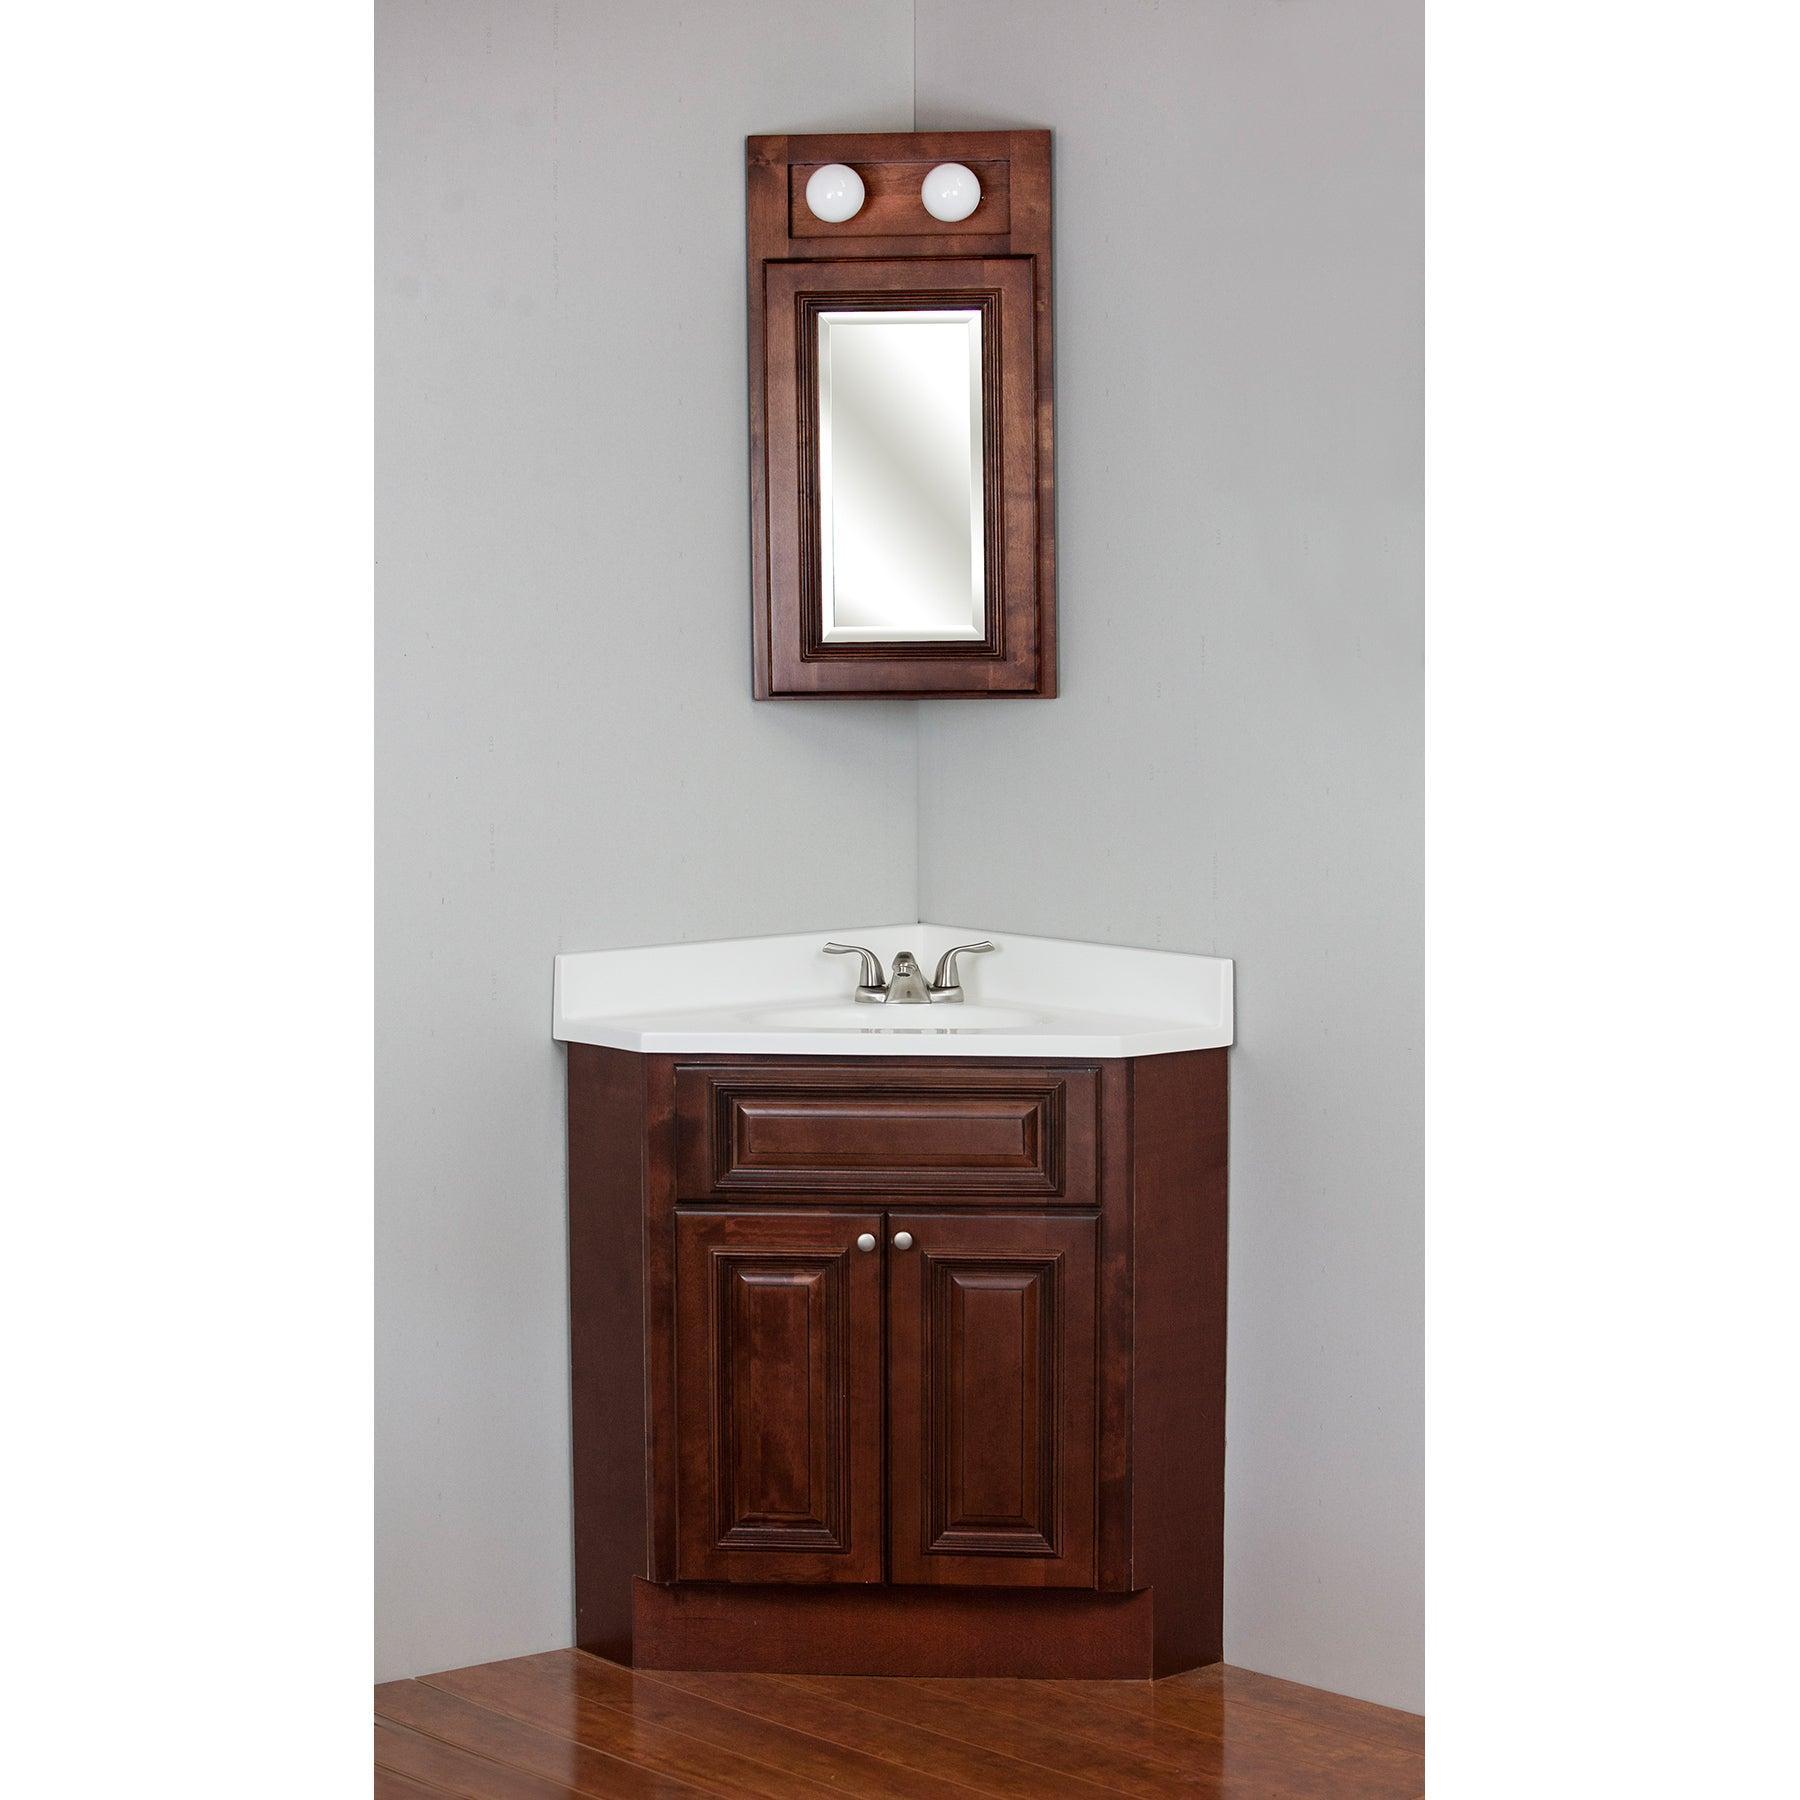 Buy Maple Bathroom Vanities & Vanity Cabinets Online at Overstock ...